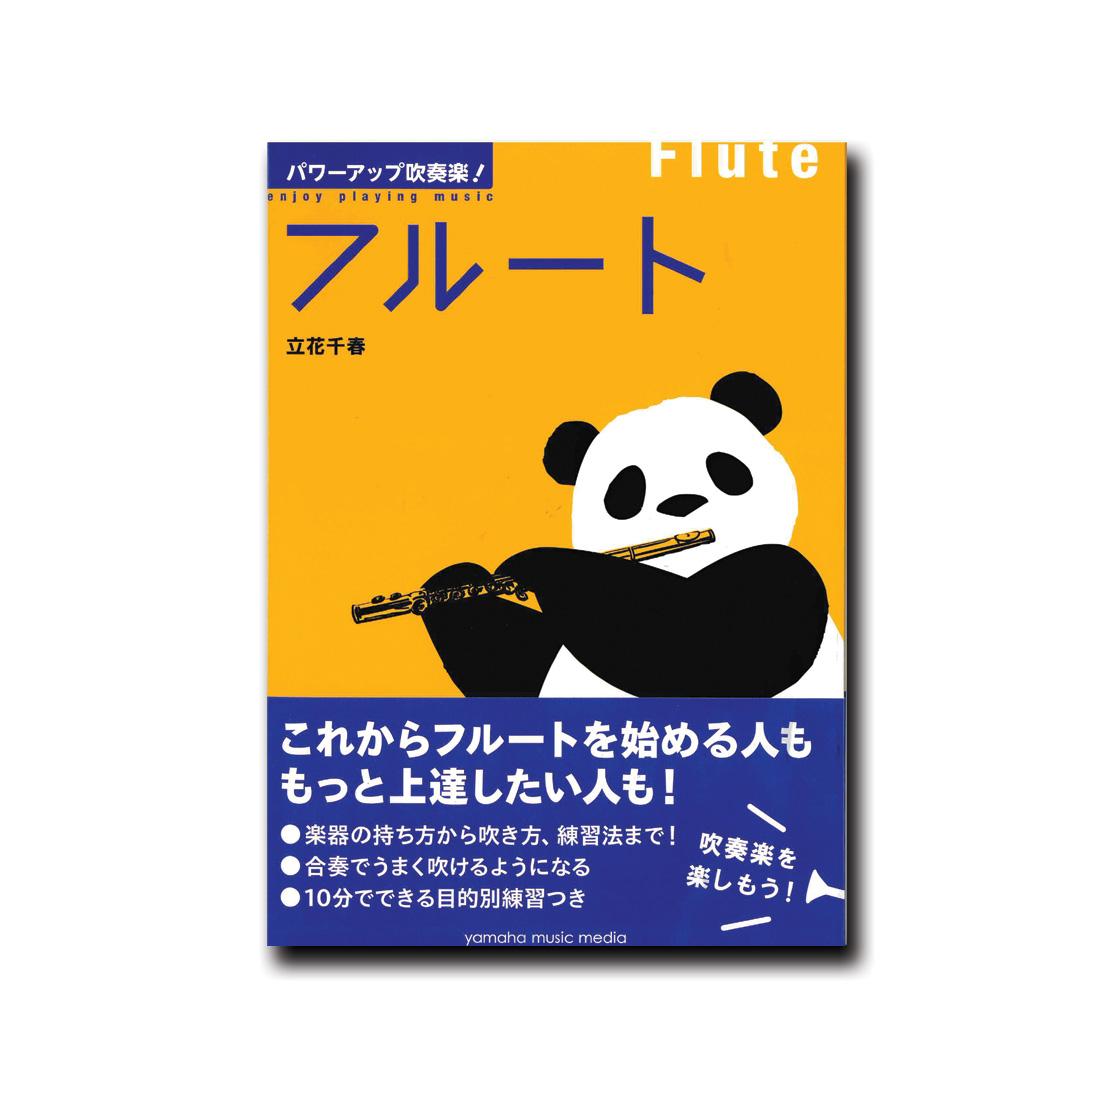 レンタル特典に含まれる教則本【パワーアップ吹奏楽!フルート】は、これからフルートを始める人も、もっと上達したい人も使える教則本です。楽器の持ち方から吹き方、基本的なテクニックから上達のための短時間練習法も紹介されています。